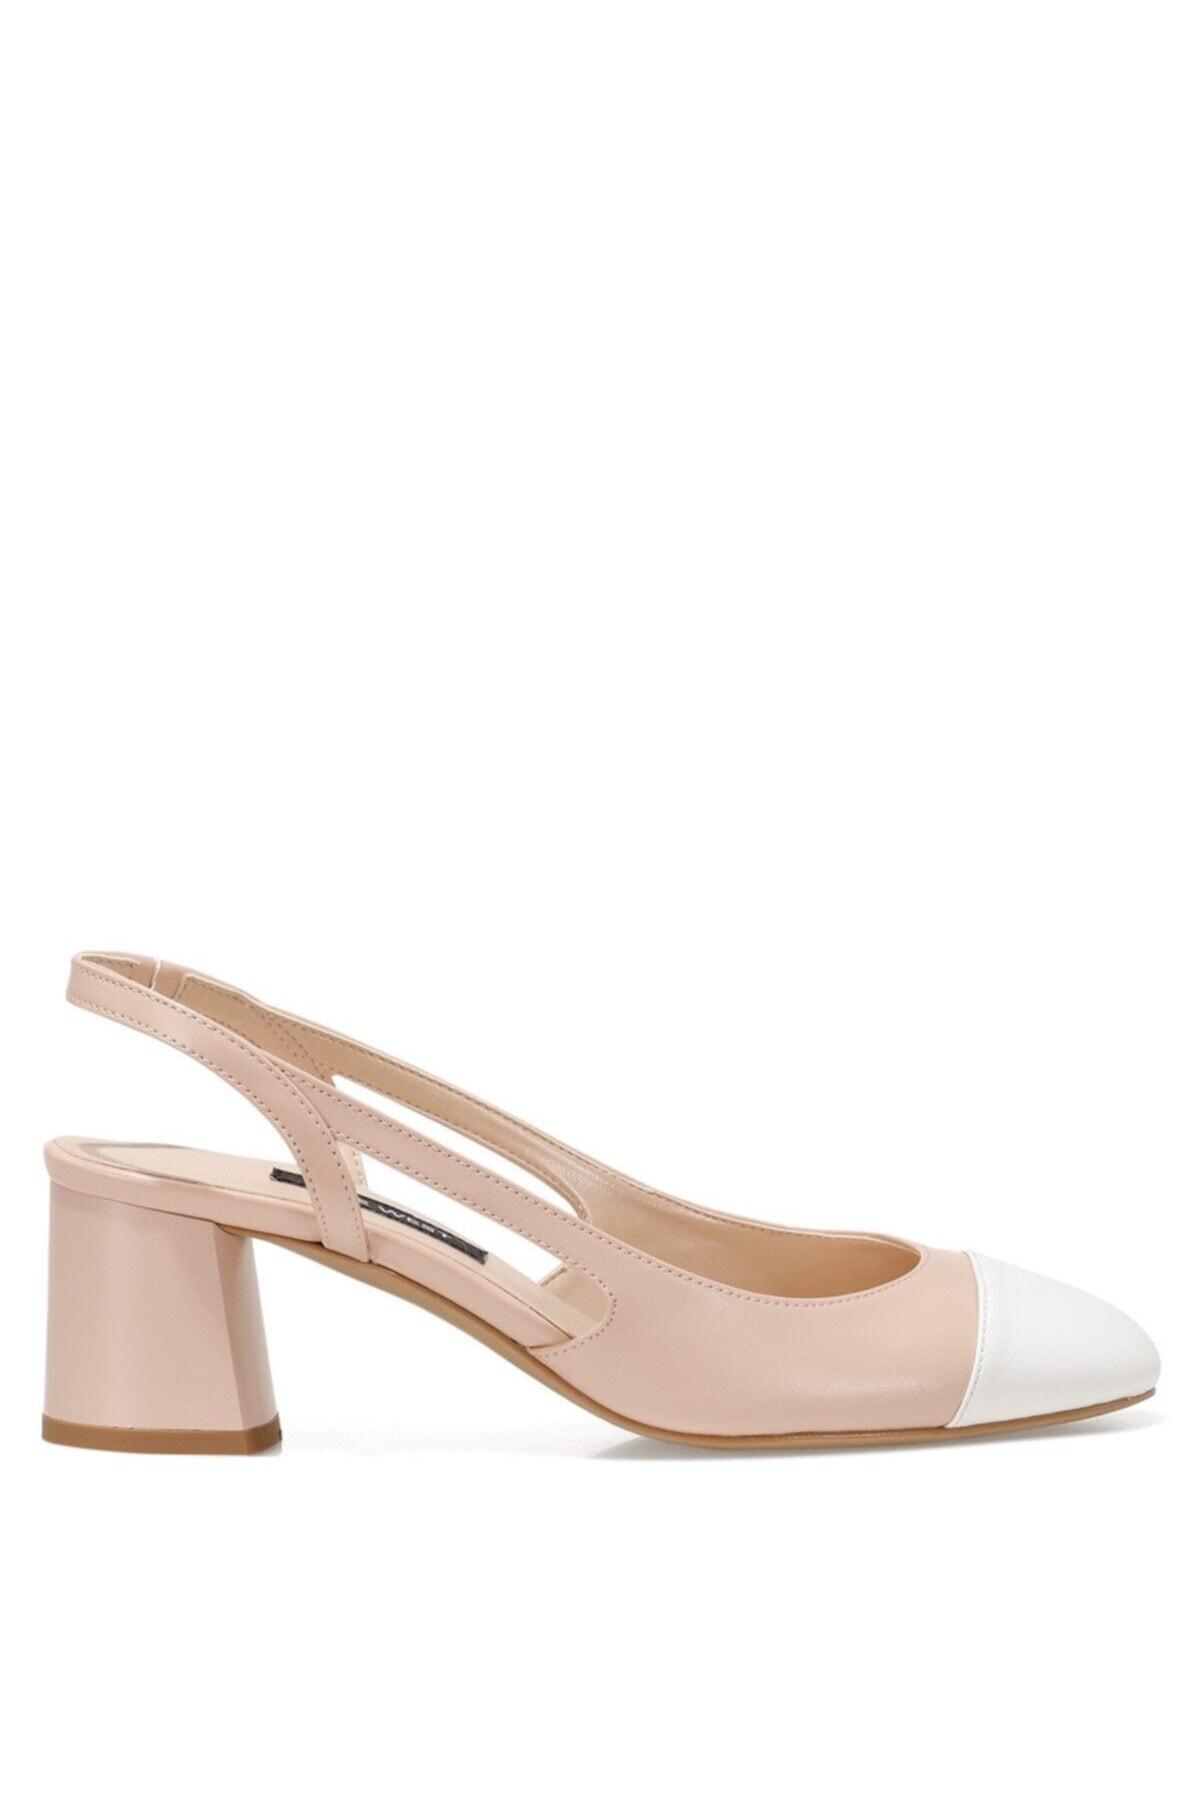 Nine West SENDAR Pudra Kadın Klasik Topuklu Ayakkabı 100526629 1